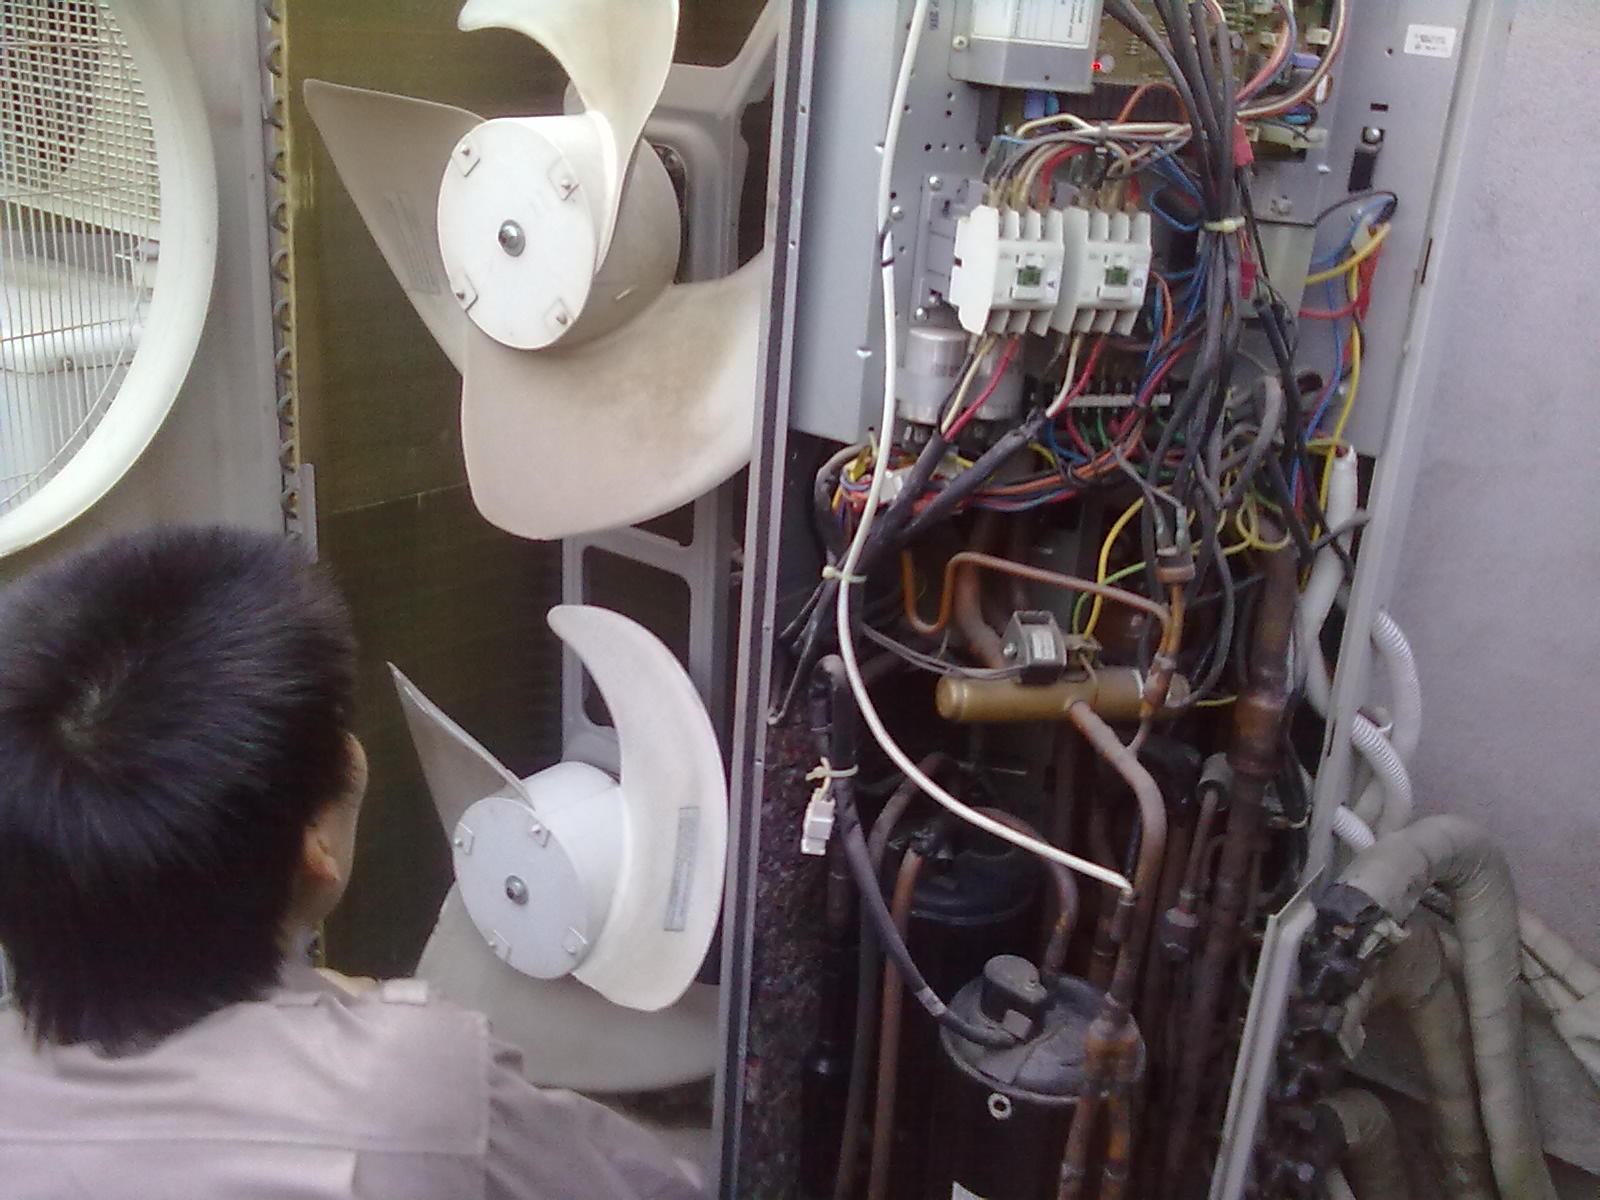 Sửa điều hòa trung tâm sửa điều hòa công nghiệp